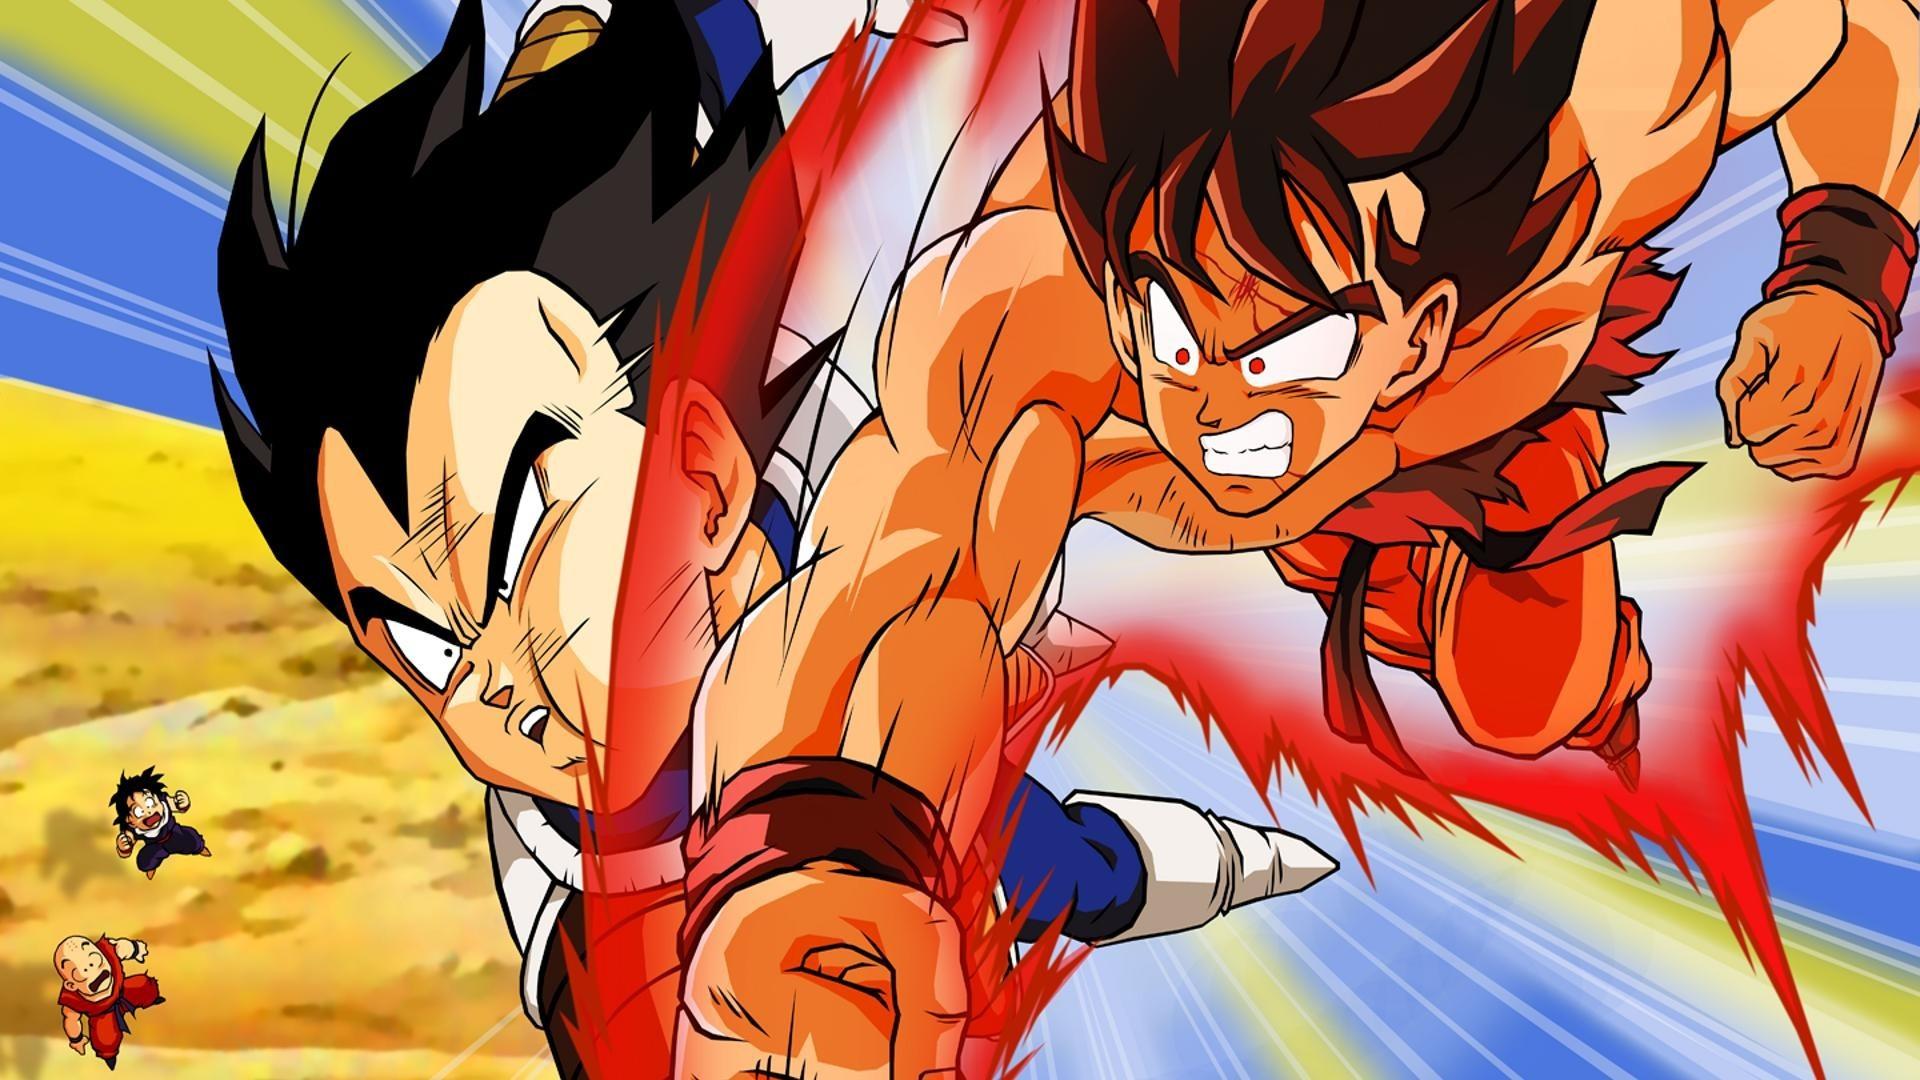 Free Goku VS Vegeta Fighting Wallpapers, Goku VS Vegeta Fighting Backgrounds,  Goku VS Vegeta